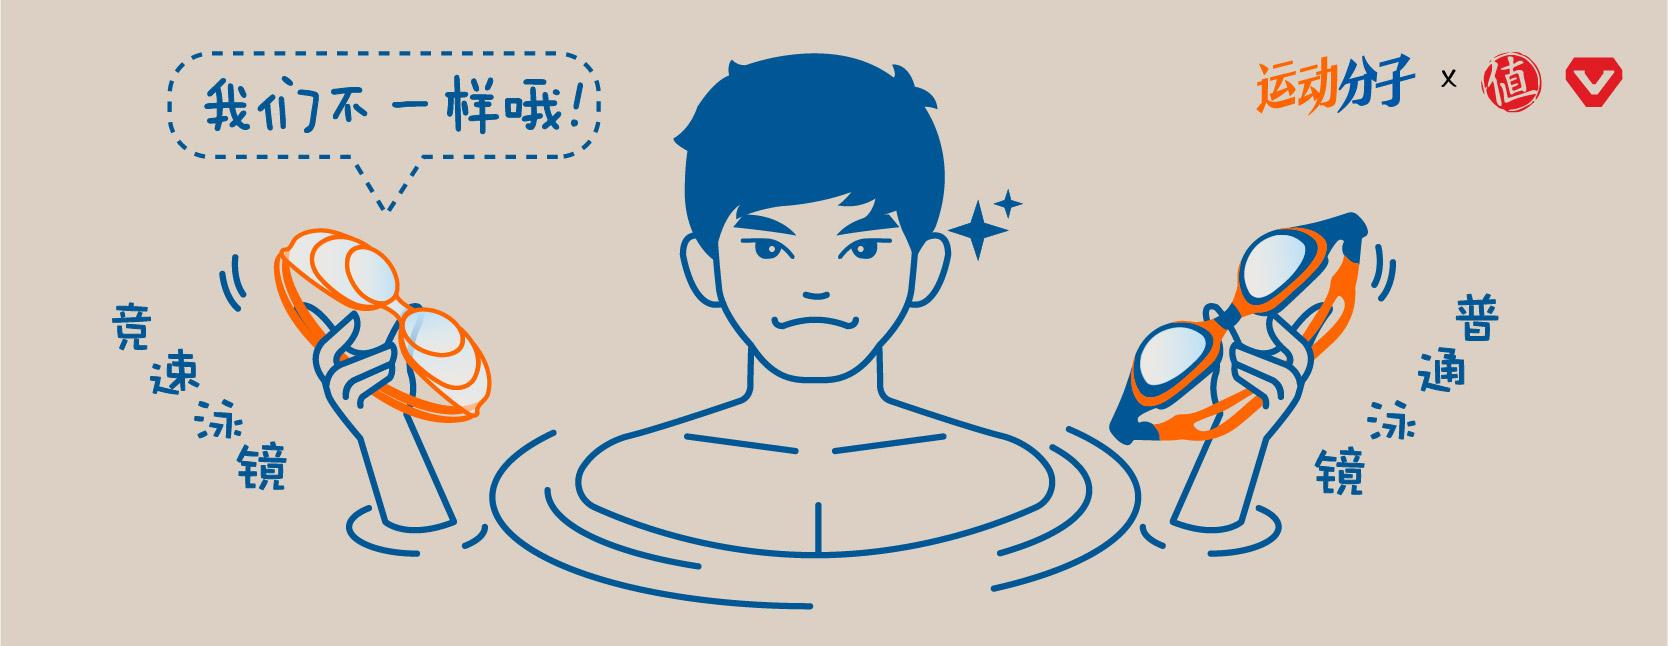 运动分子肉身评测 篇十二:都是游泳眼镜,为什么不建议一般人戴比赛/竞速泳镜?